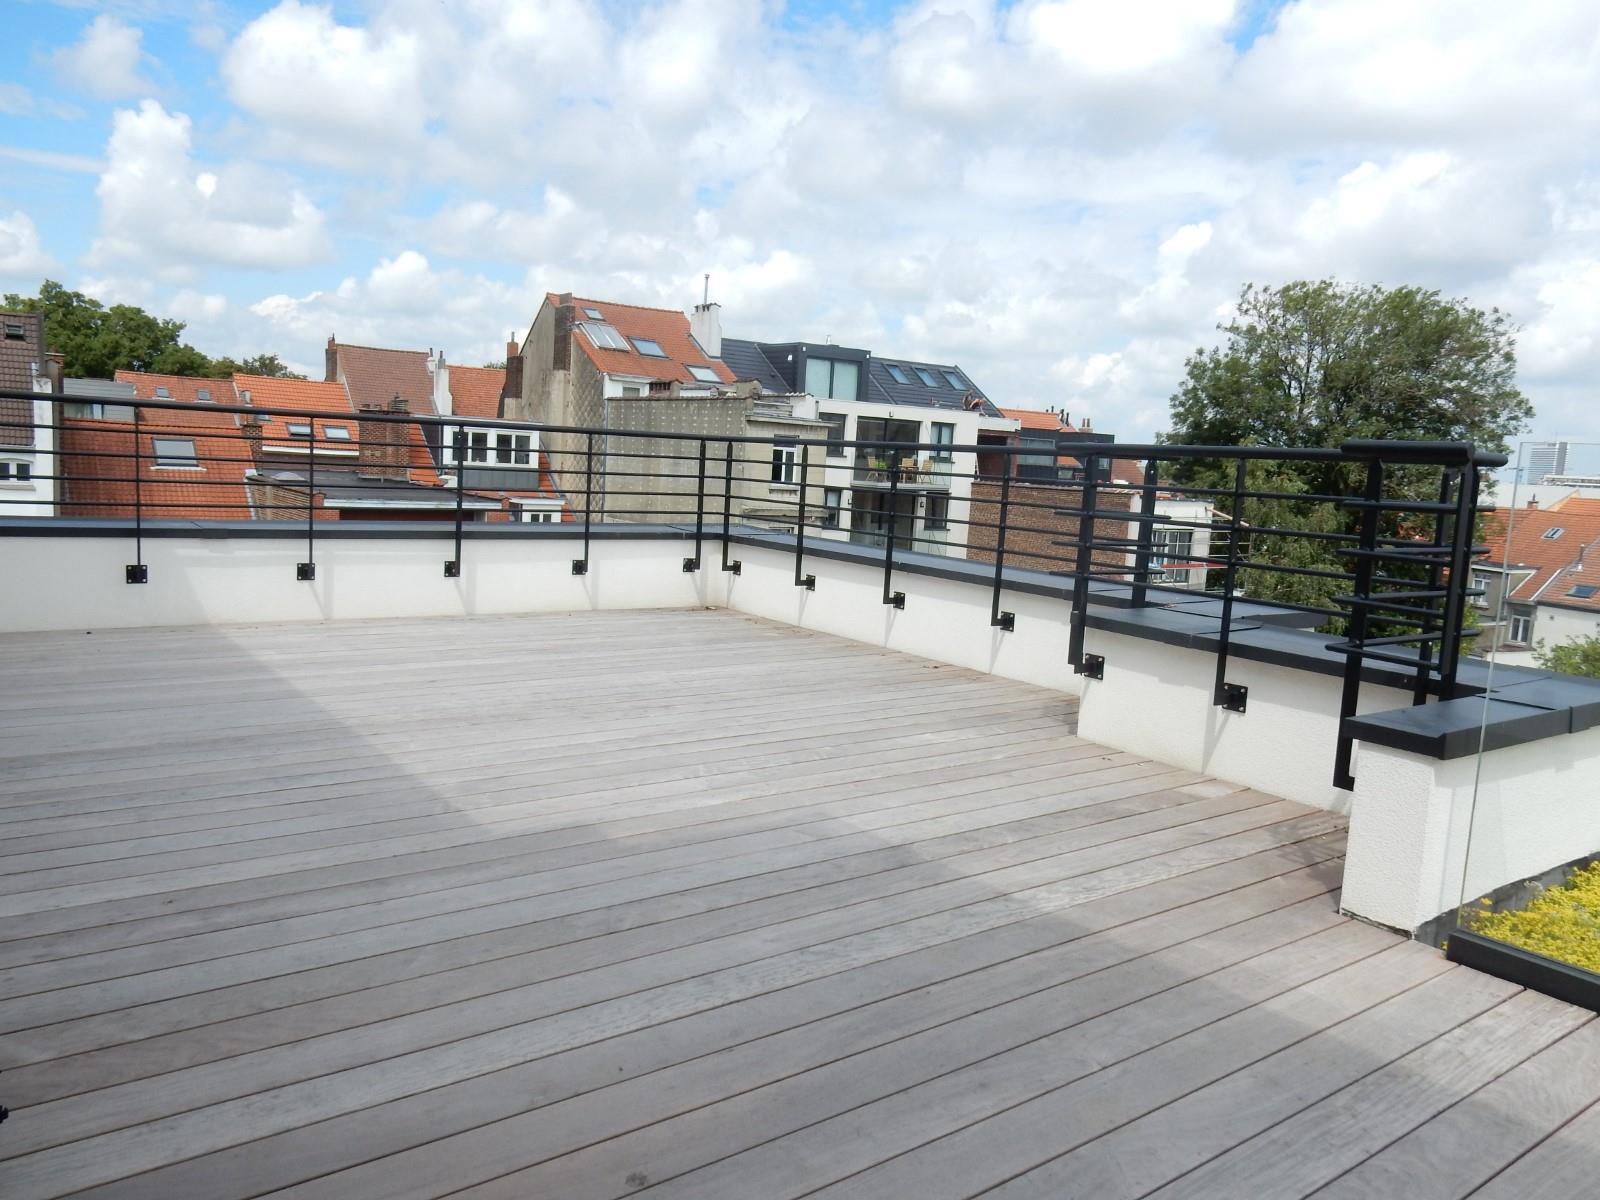 Appartement exceptionnel - Ixelles - #3791385-13